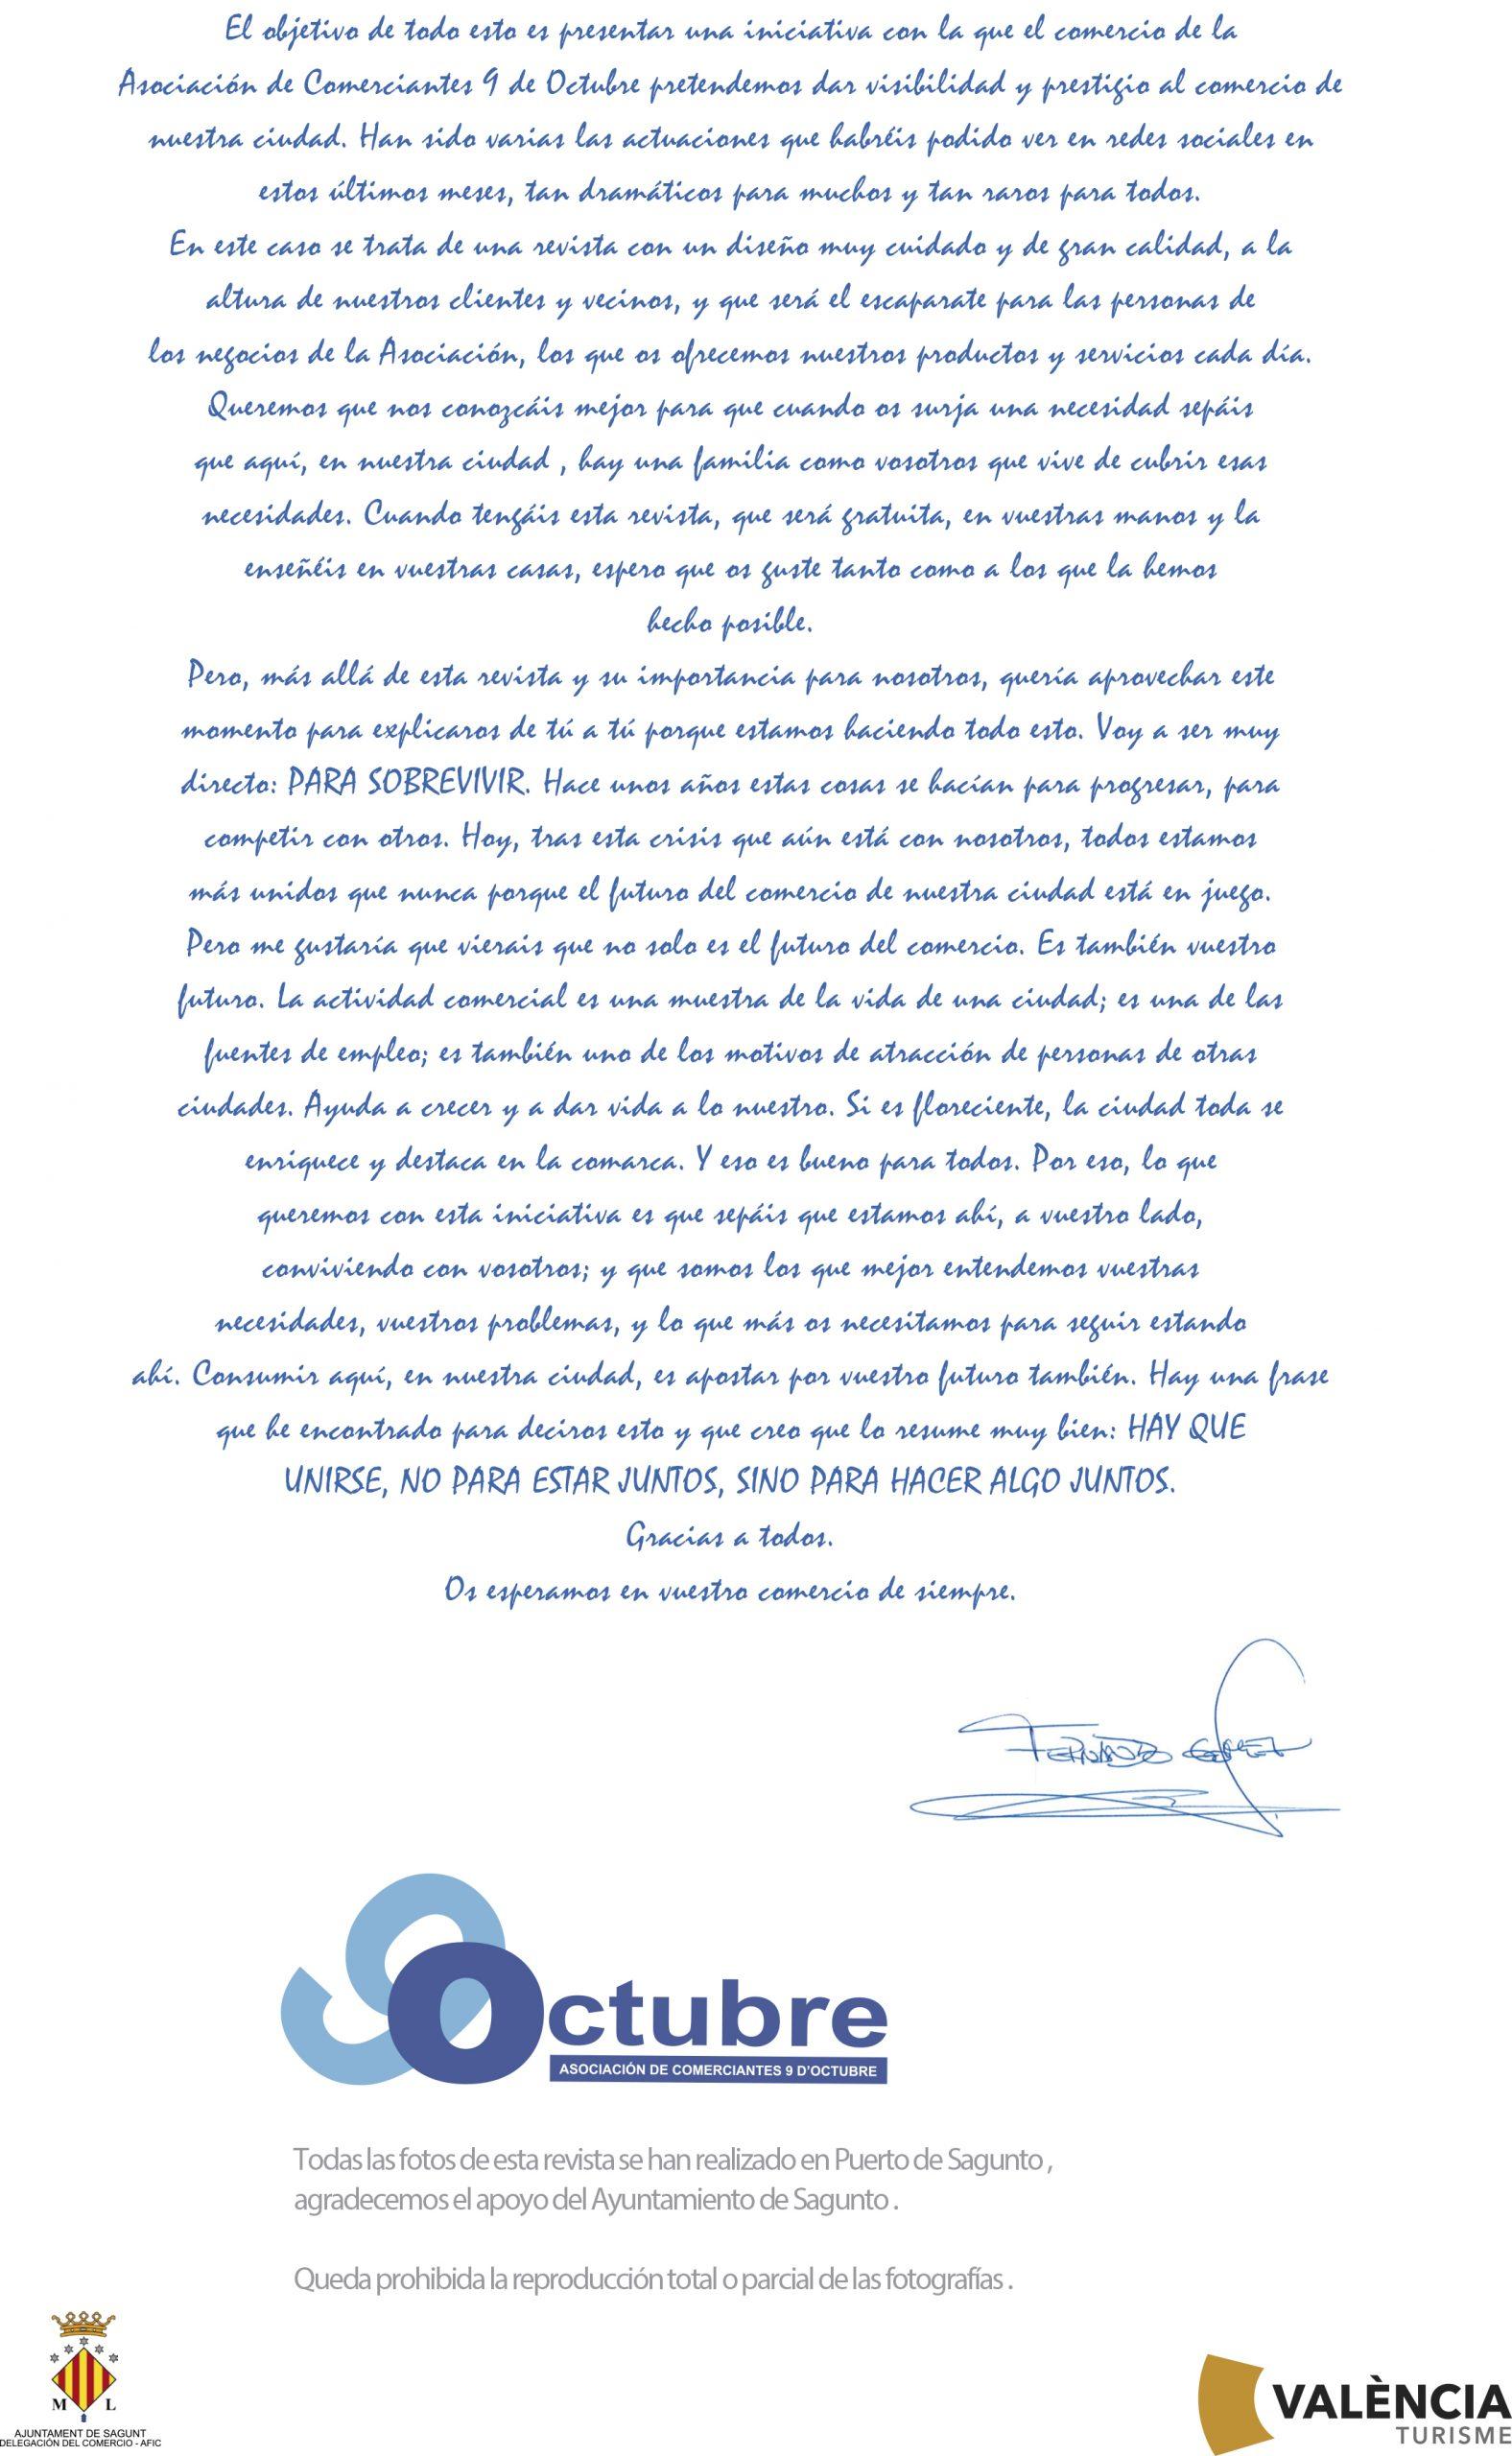 Carta del presidente Looks verano